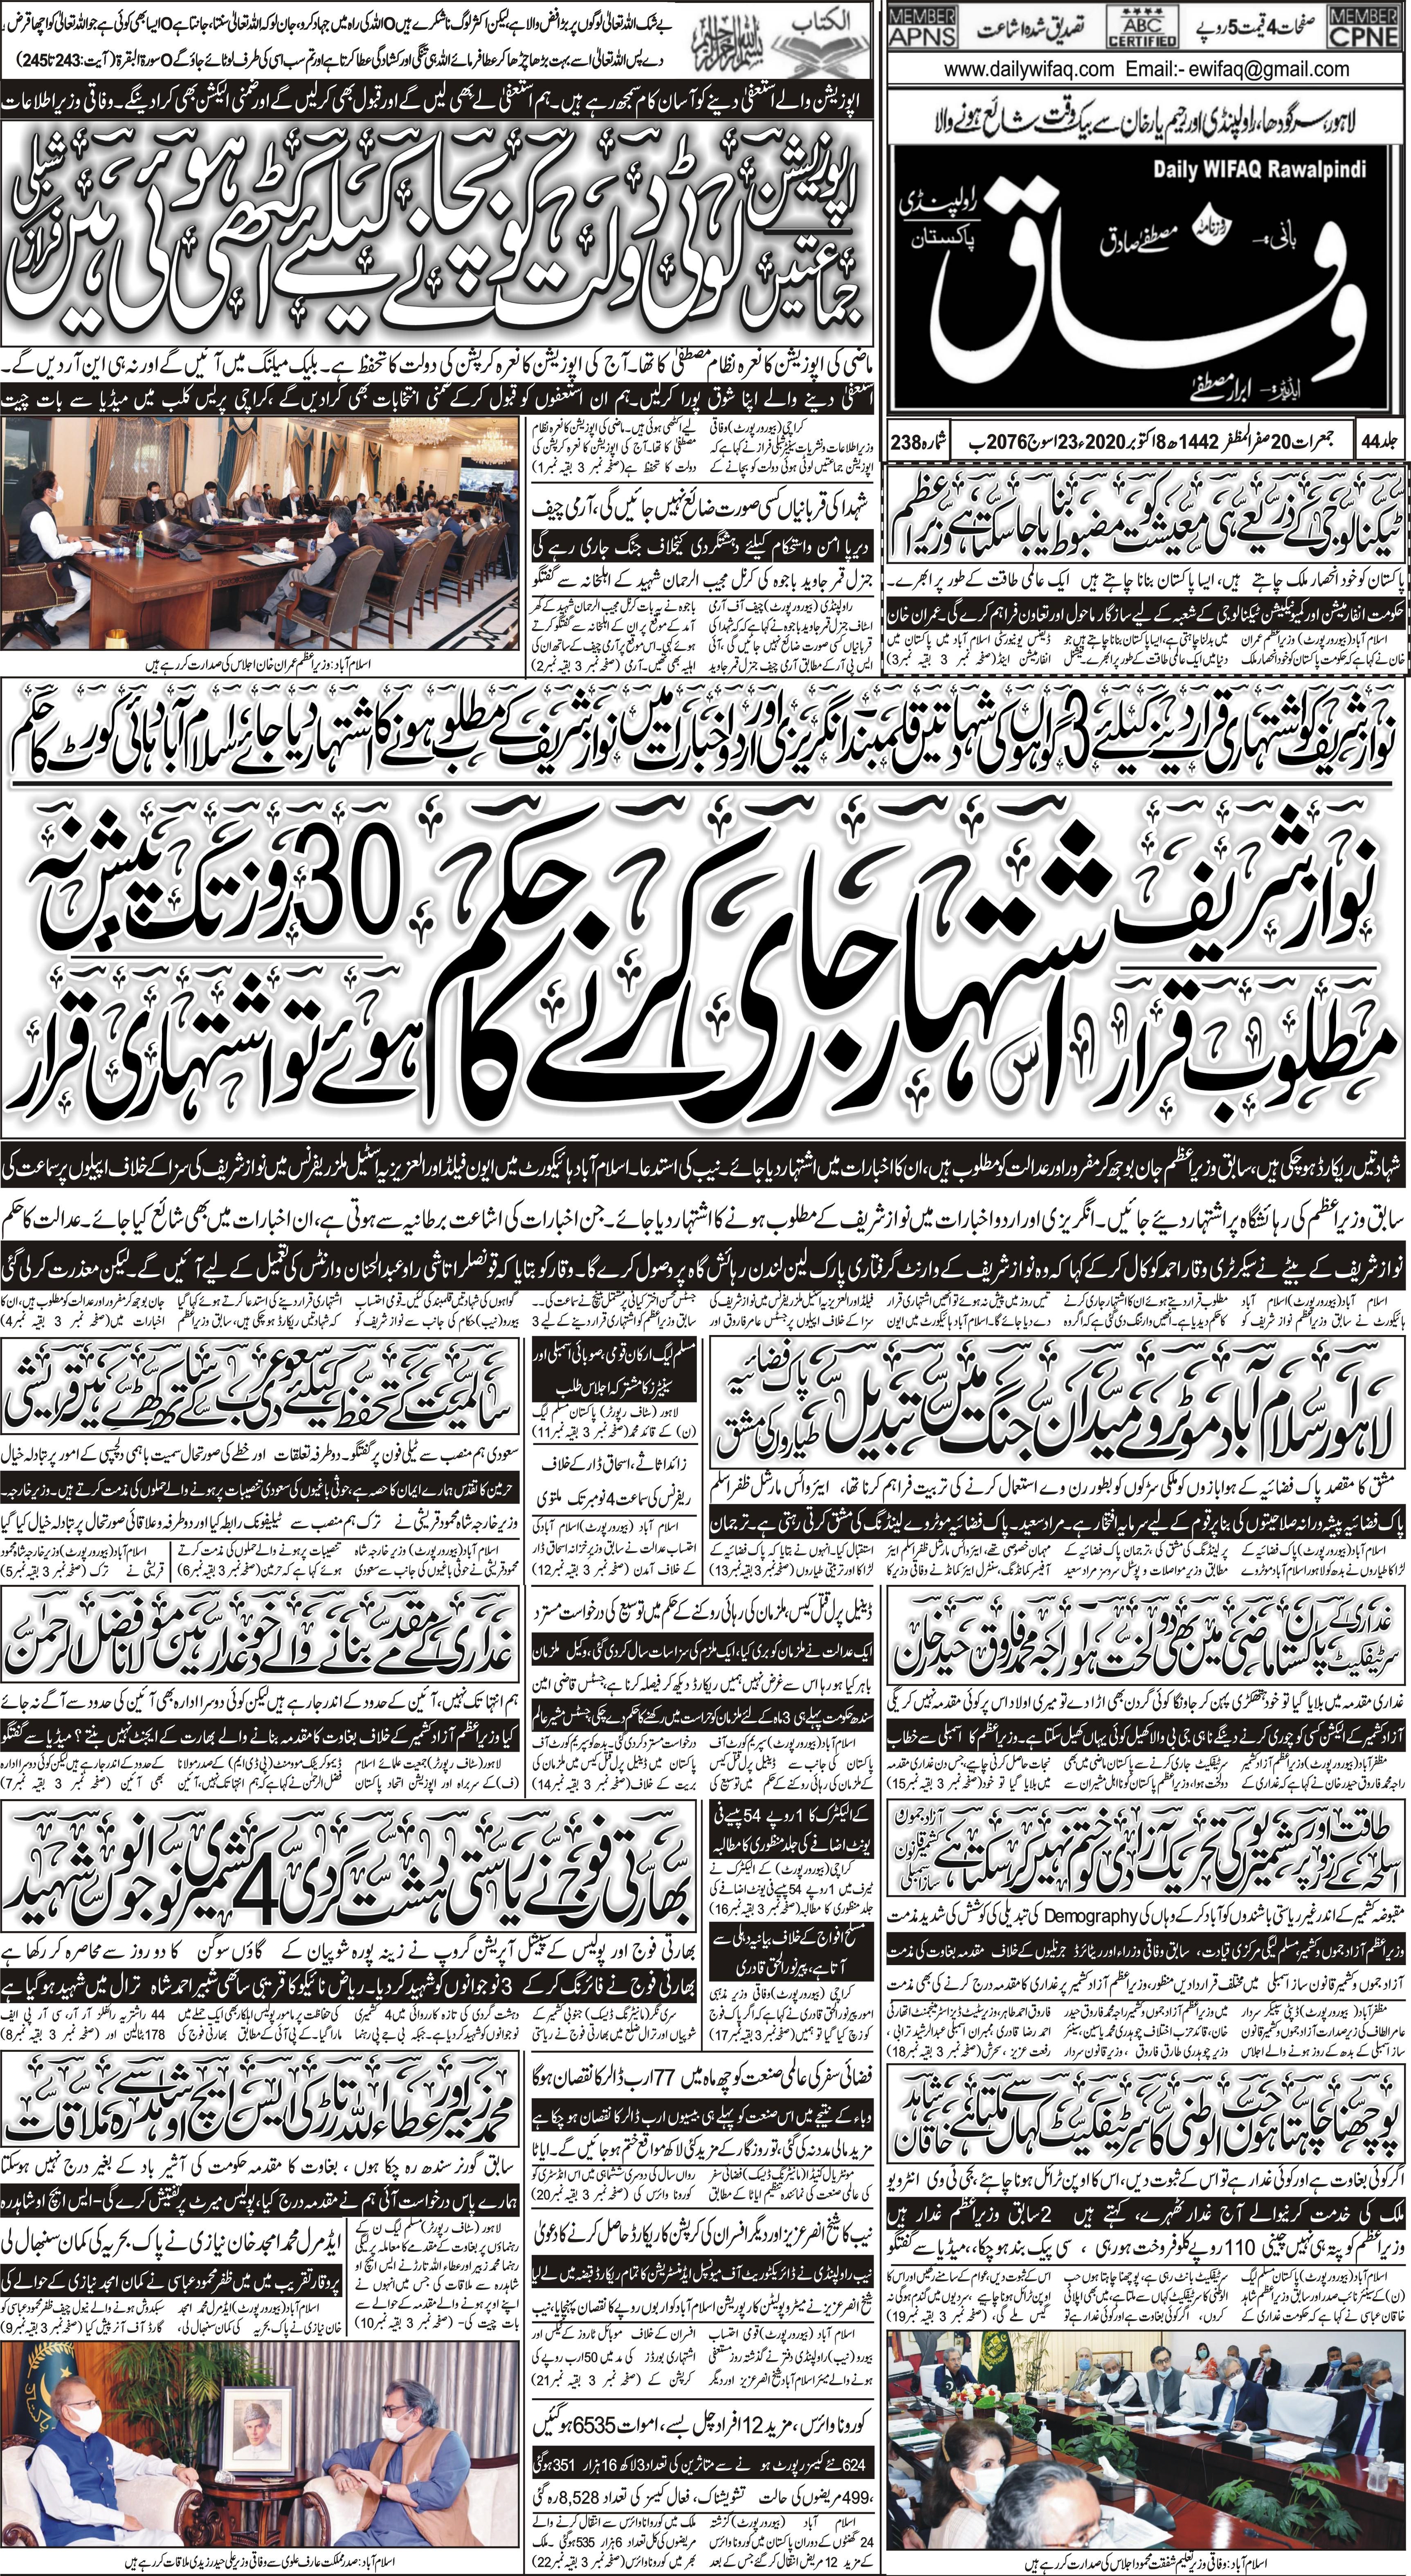 e-Paper – Daily Wifaq – Rawalpindi – 08-10-2020